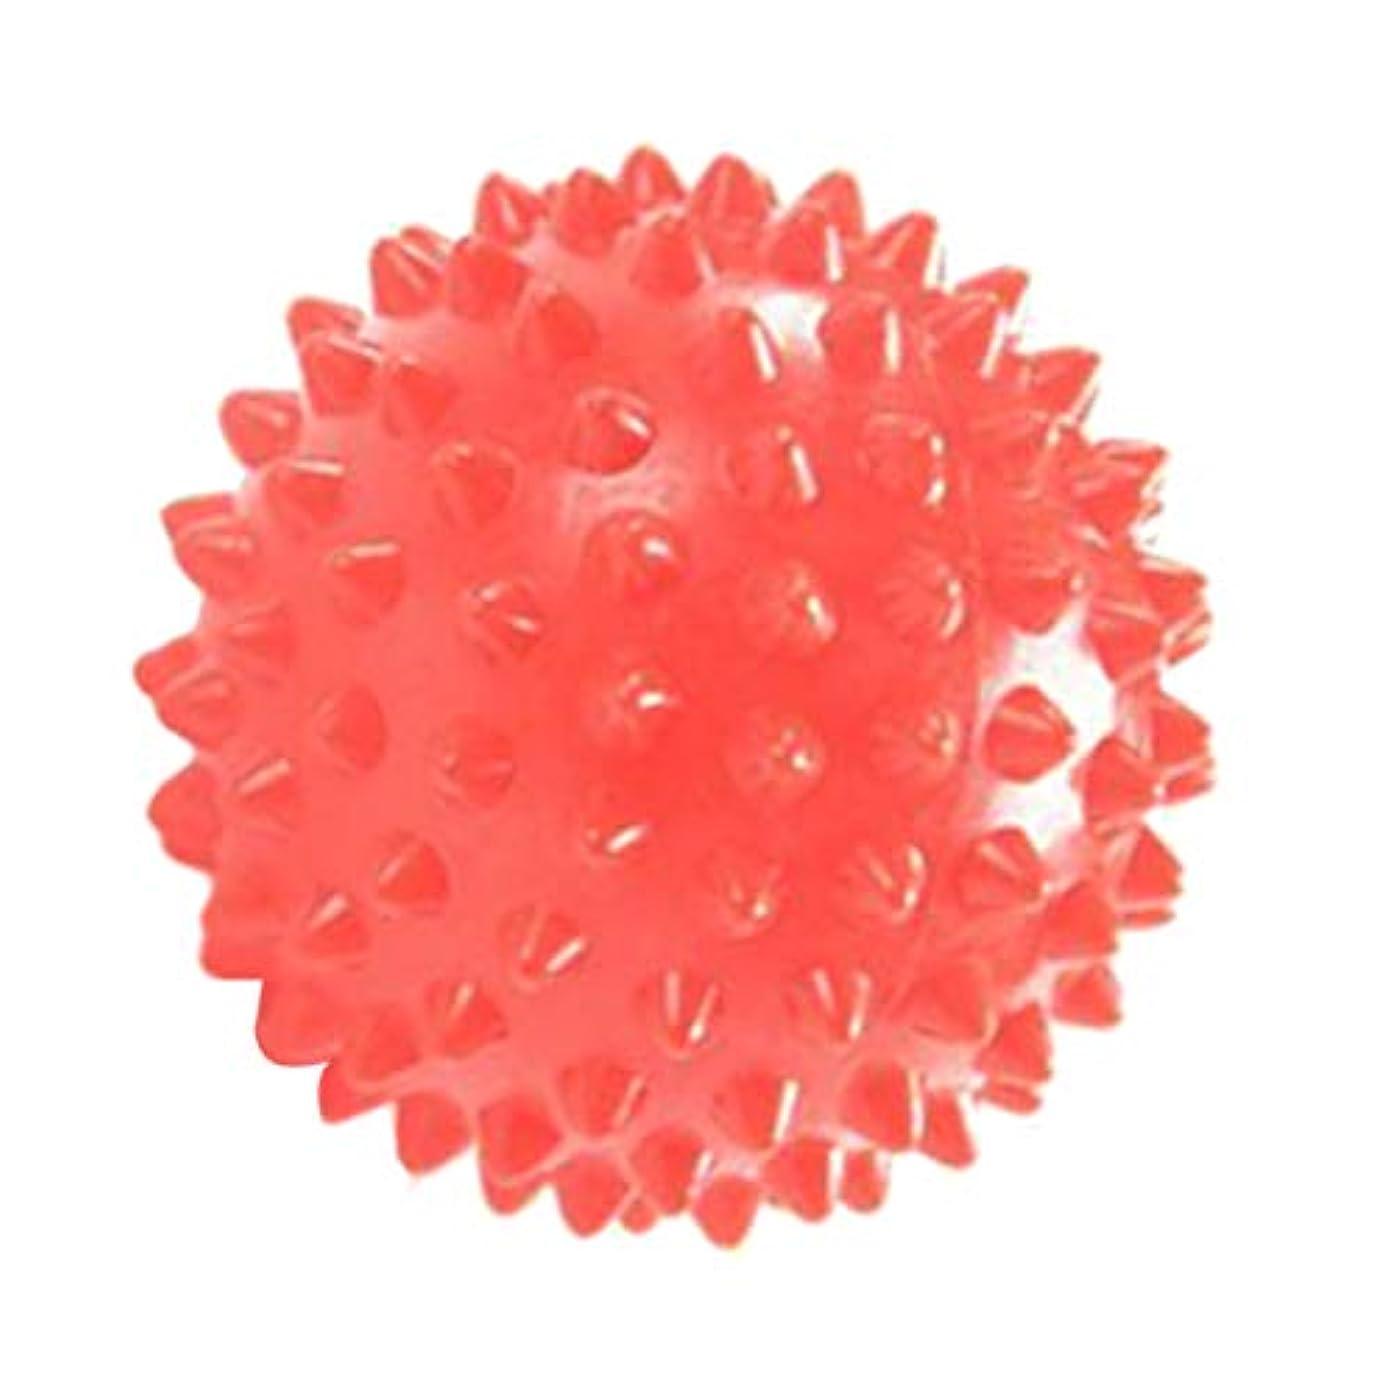 ティッシュ区画協定指圧マッサージボール ローラーボール マッサージローラー トリガーポイント 疲労軽減 痛み緩和